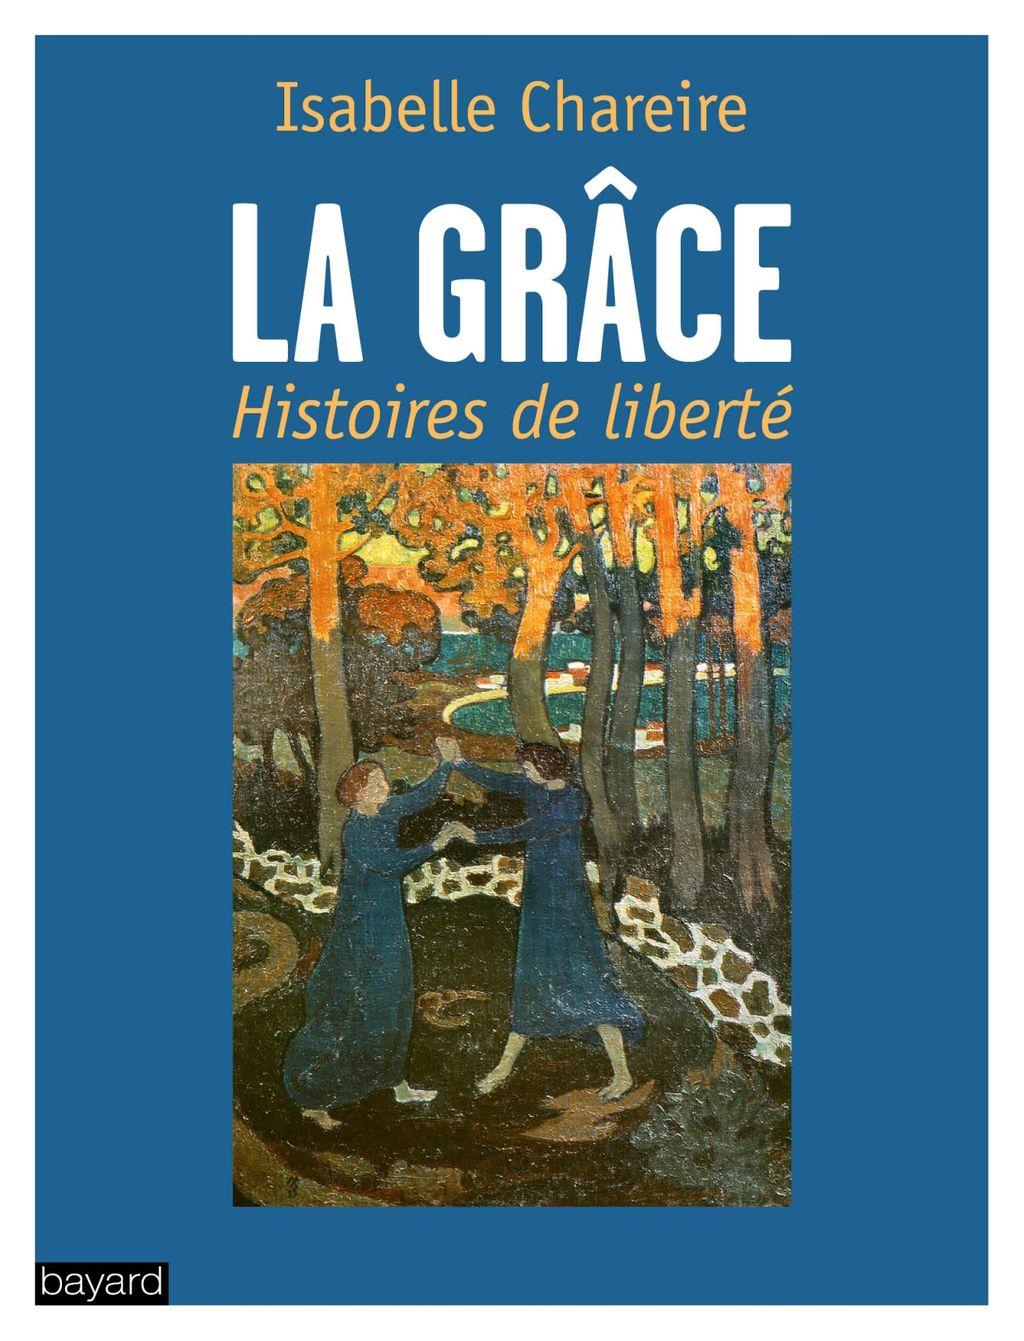 «La grâce, histoire de liberté» cover